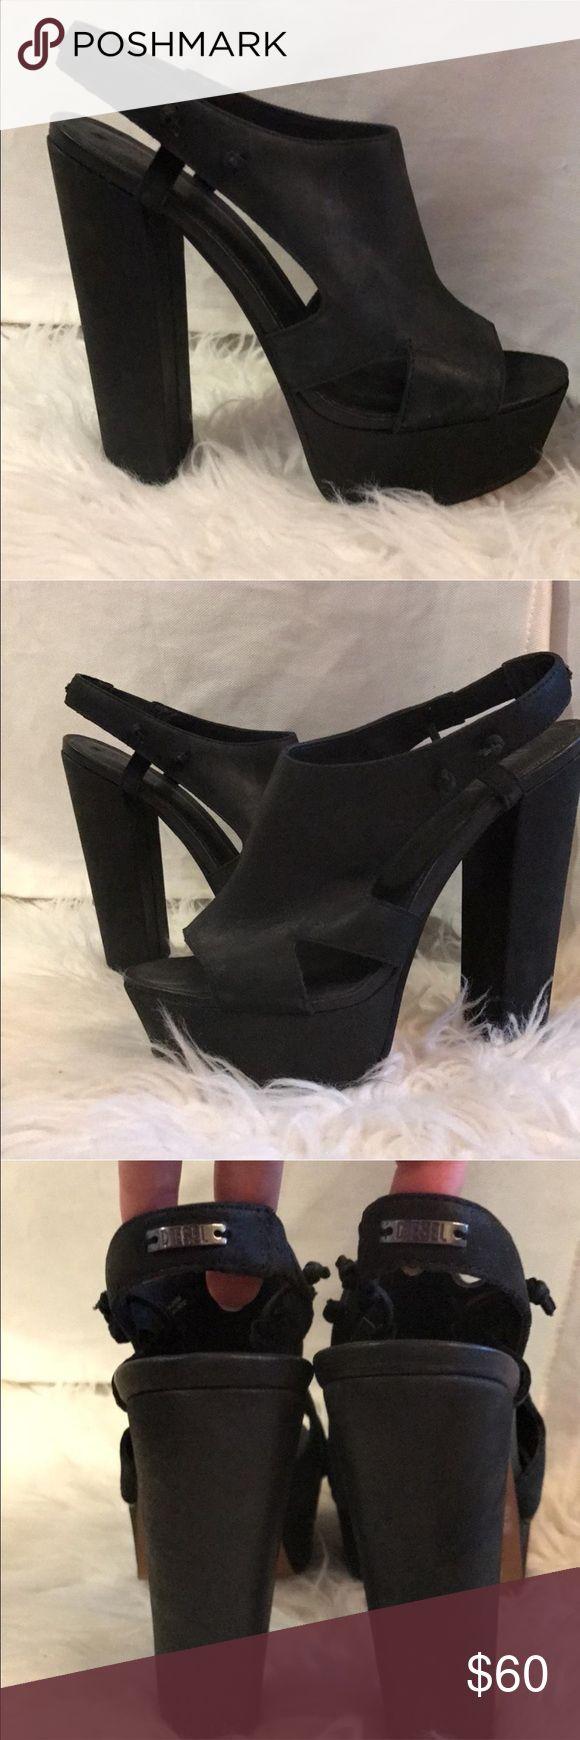 Diesel black leather heels Black sexy heels Diesel Shoes Heels